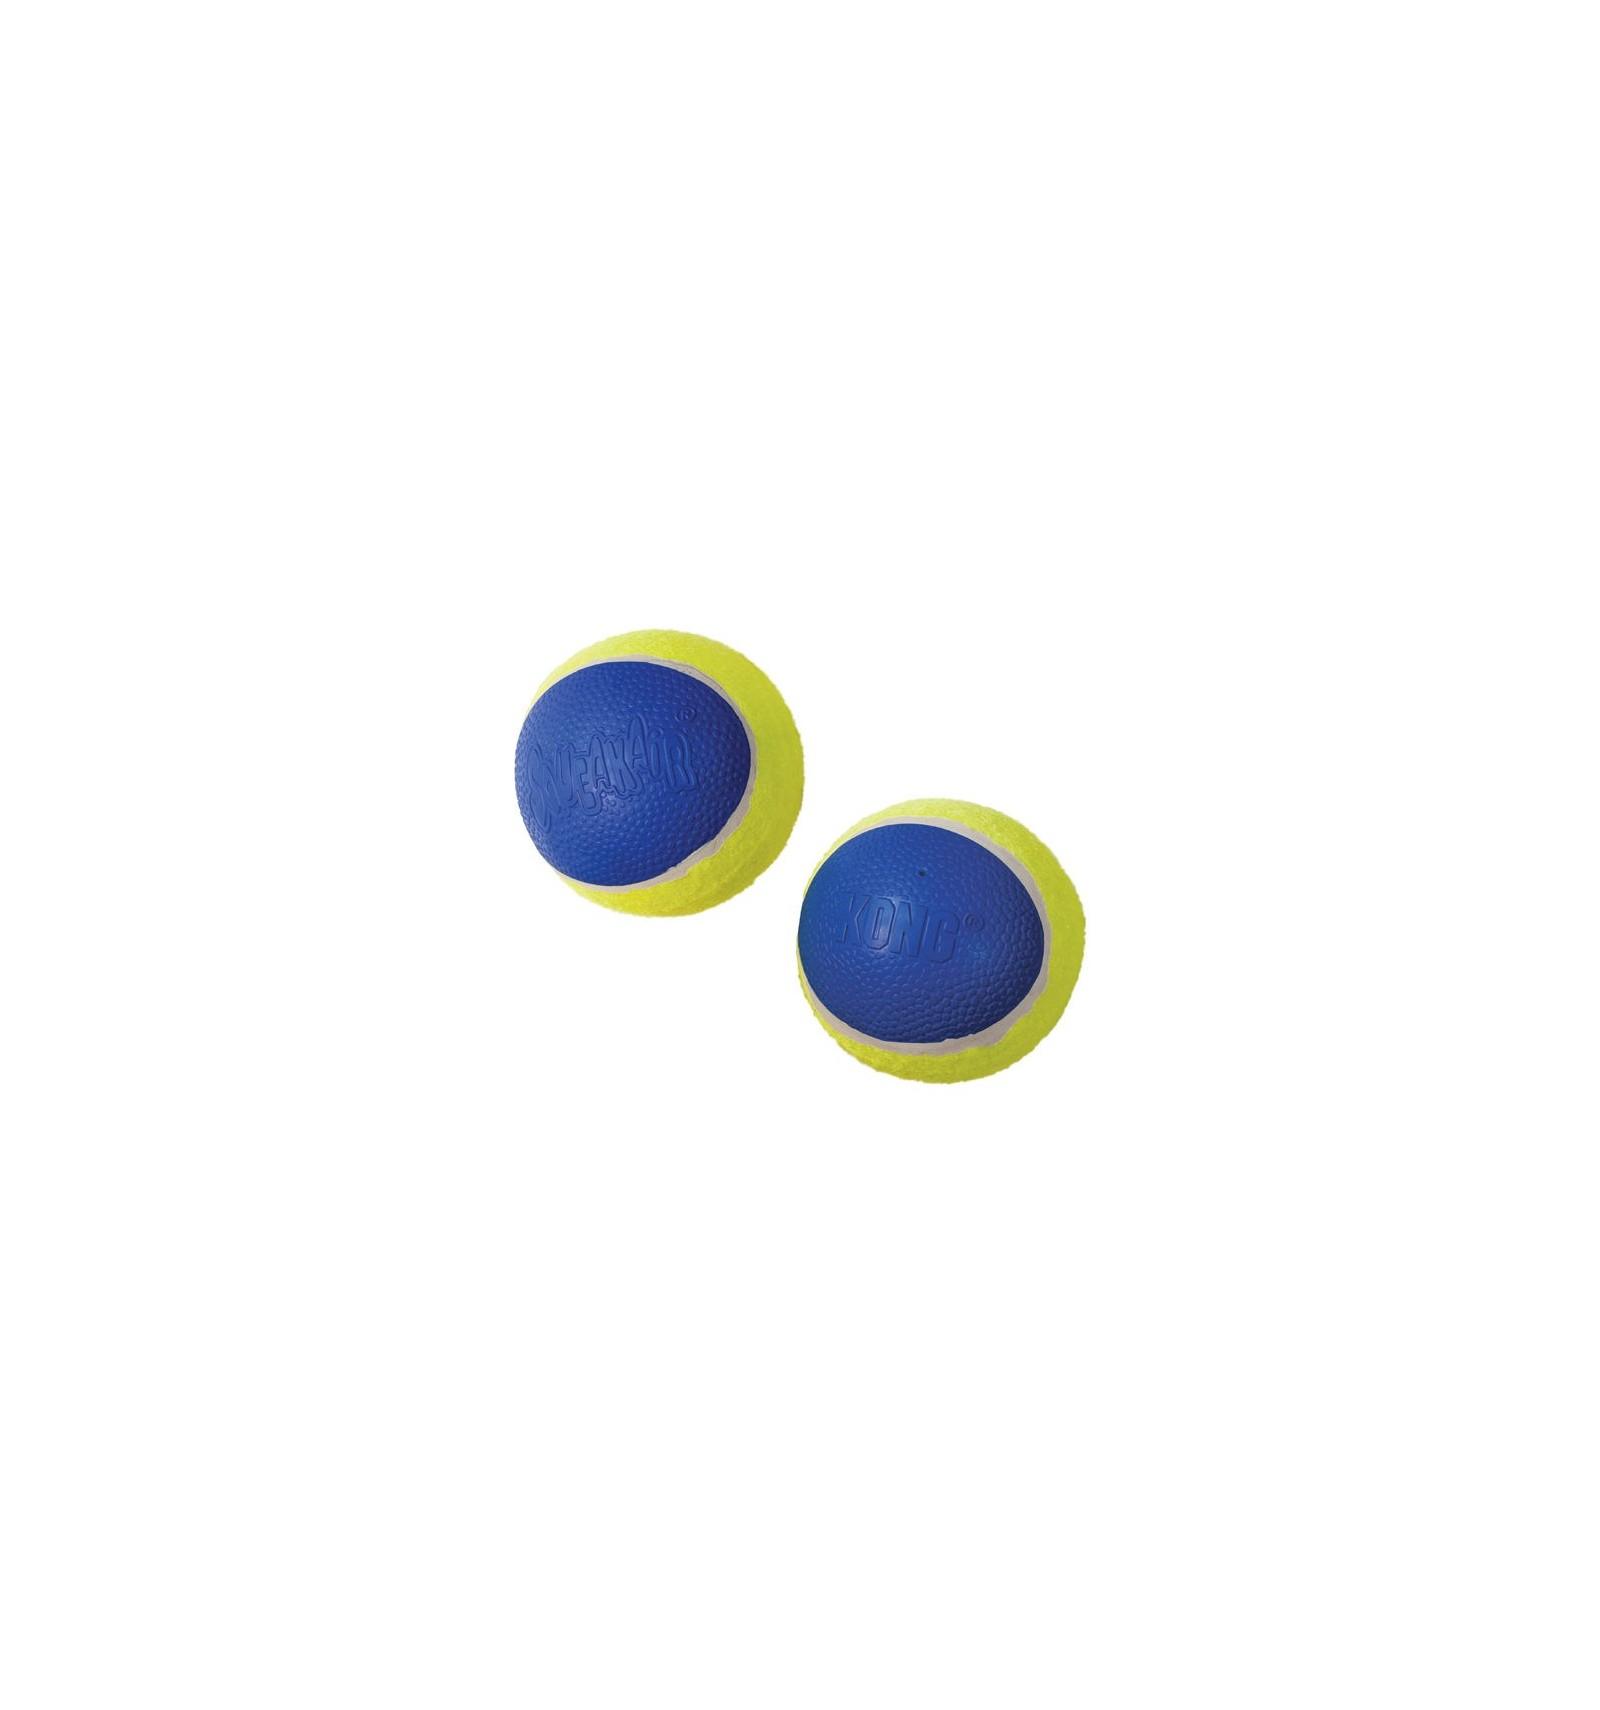 7b1176607b85 Air Kong Bola de Ténis c/ Som Ultra Squeakair - Tamanho S